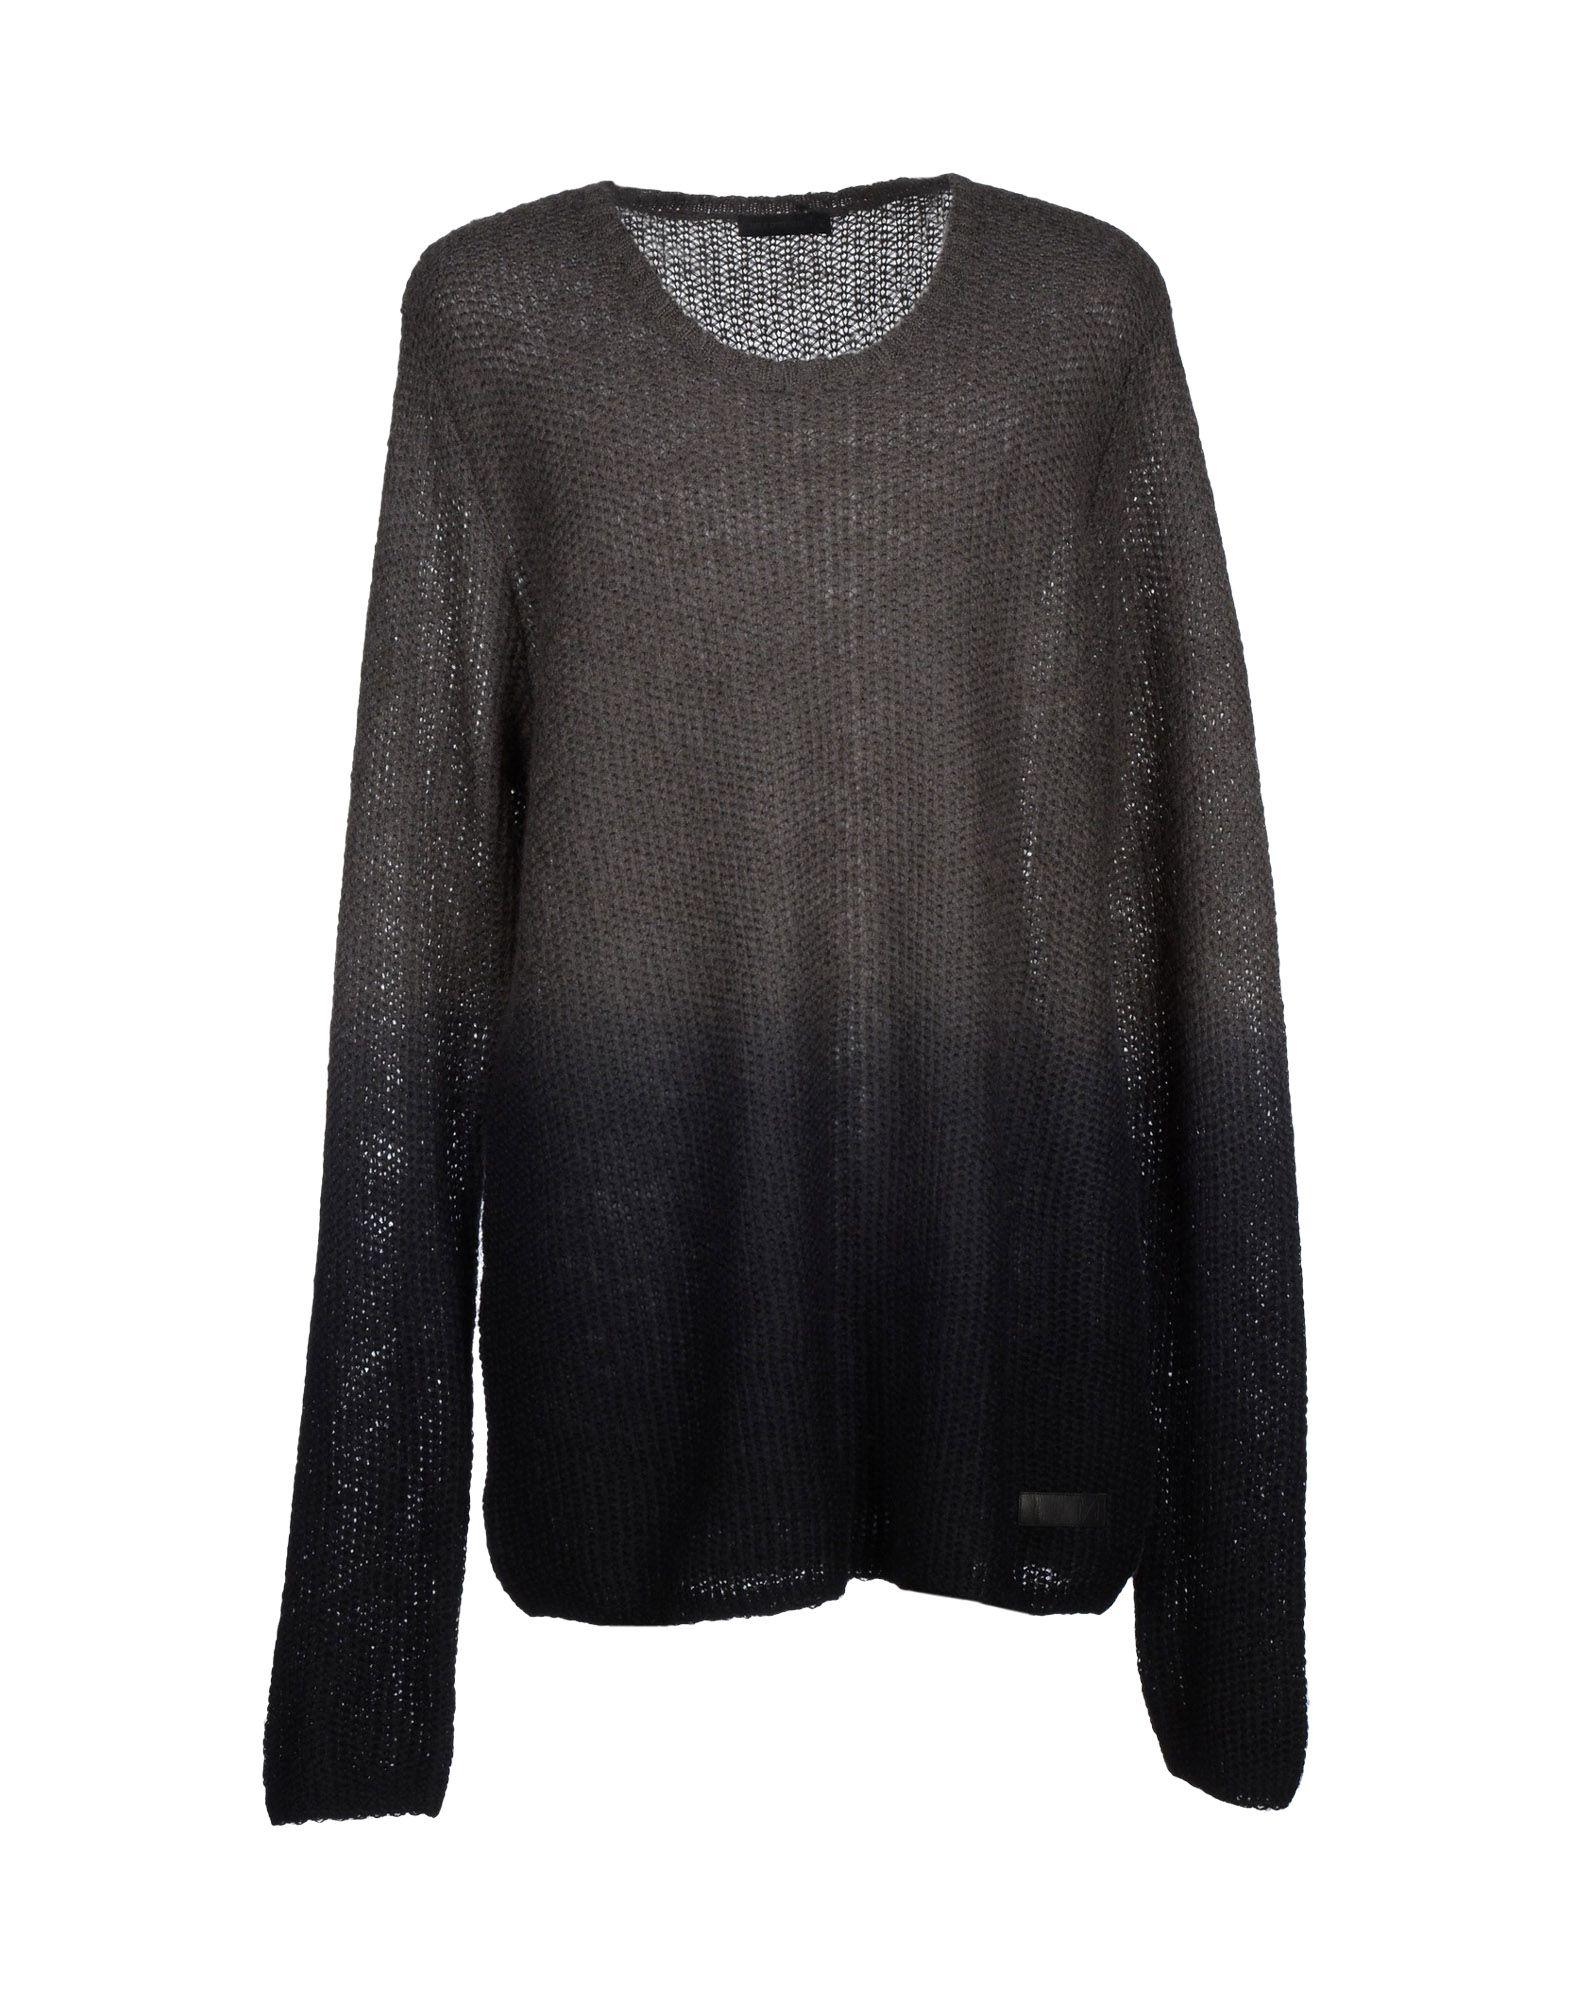 TIGER OF SWEDEN Herren Pullover Farbe Grau Größe 7